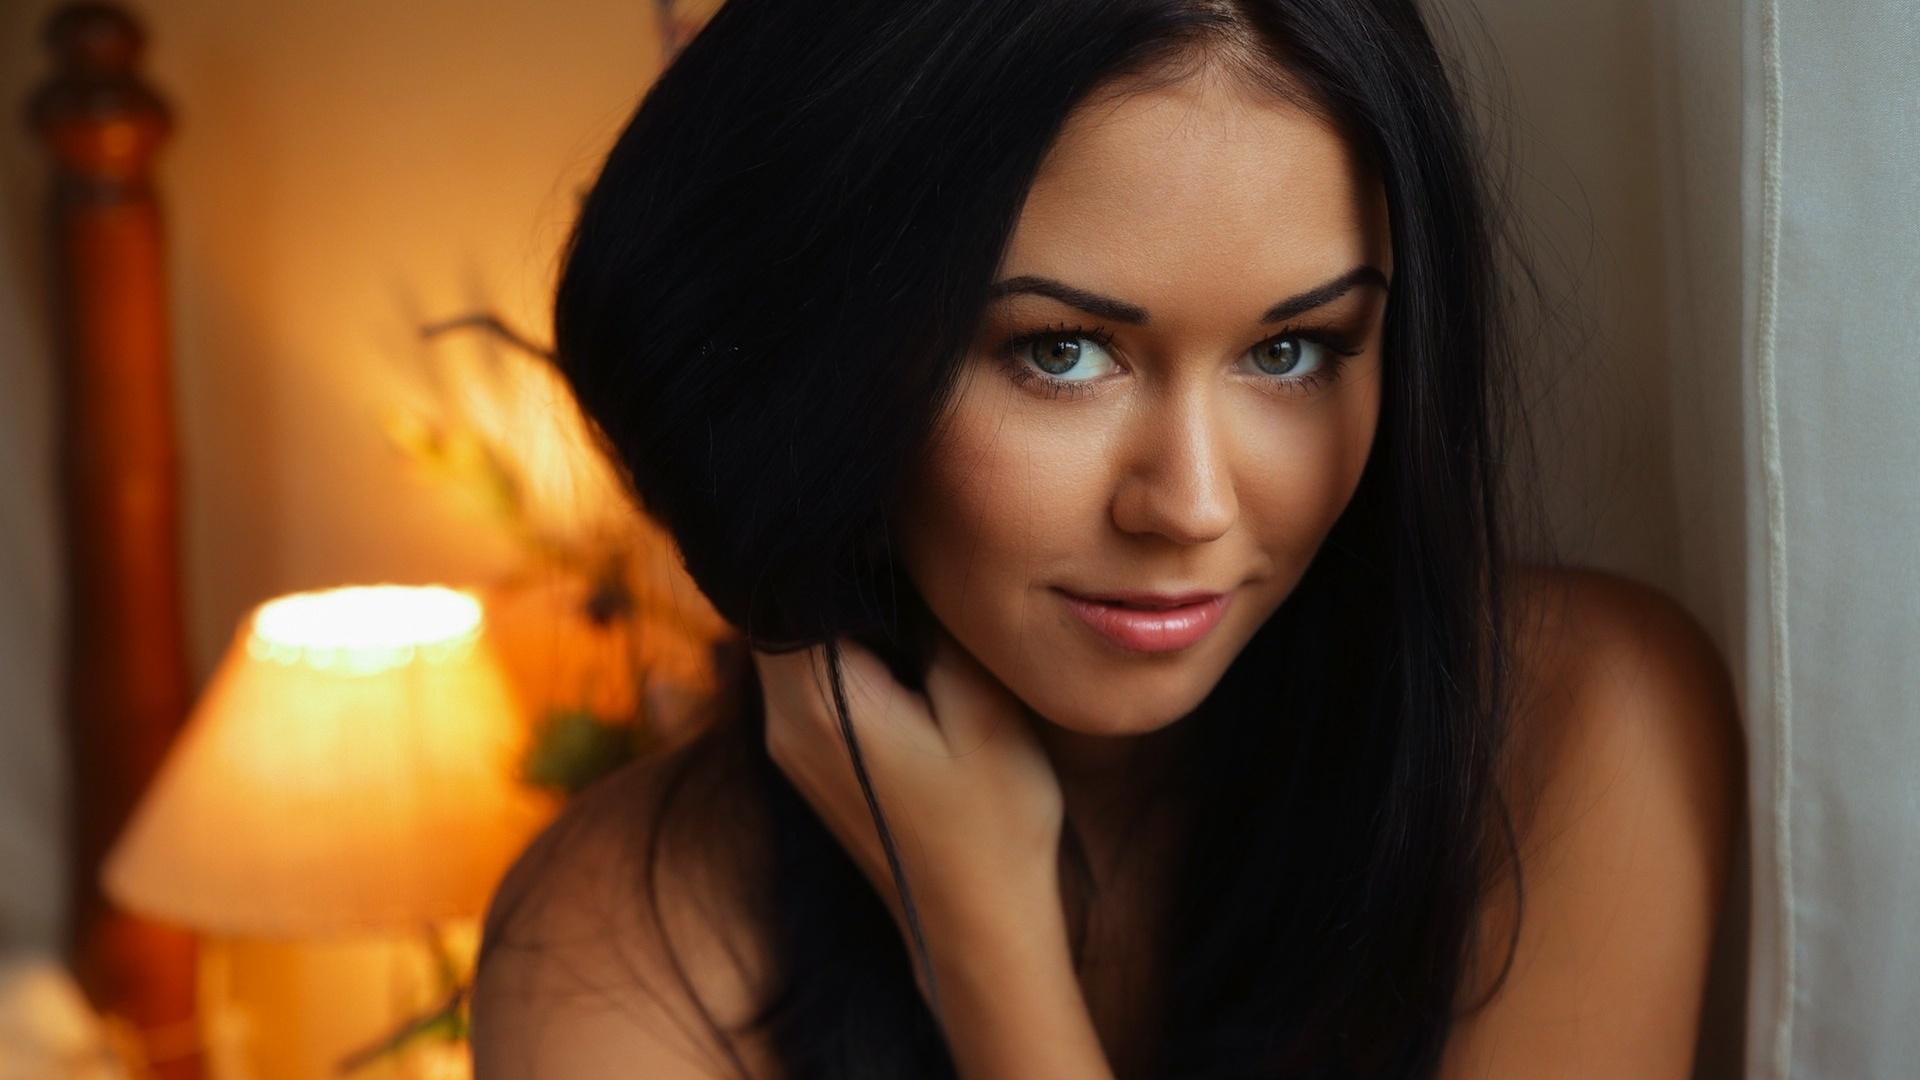 Картинки красивых девушек в контакте брюнеток